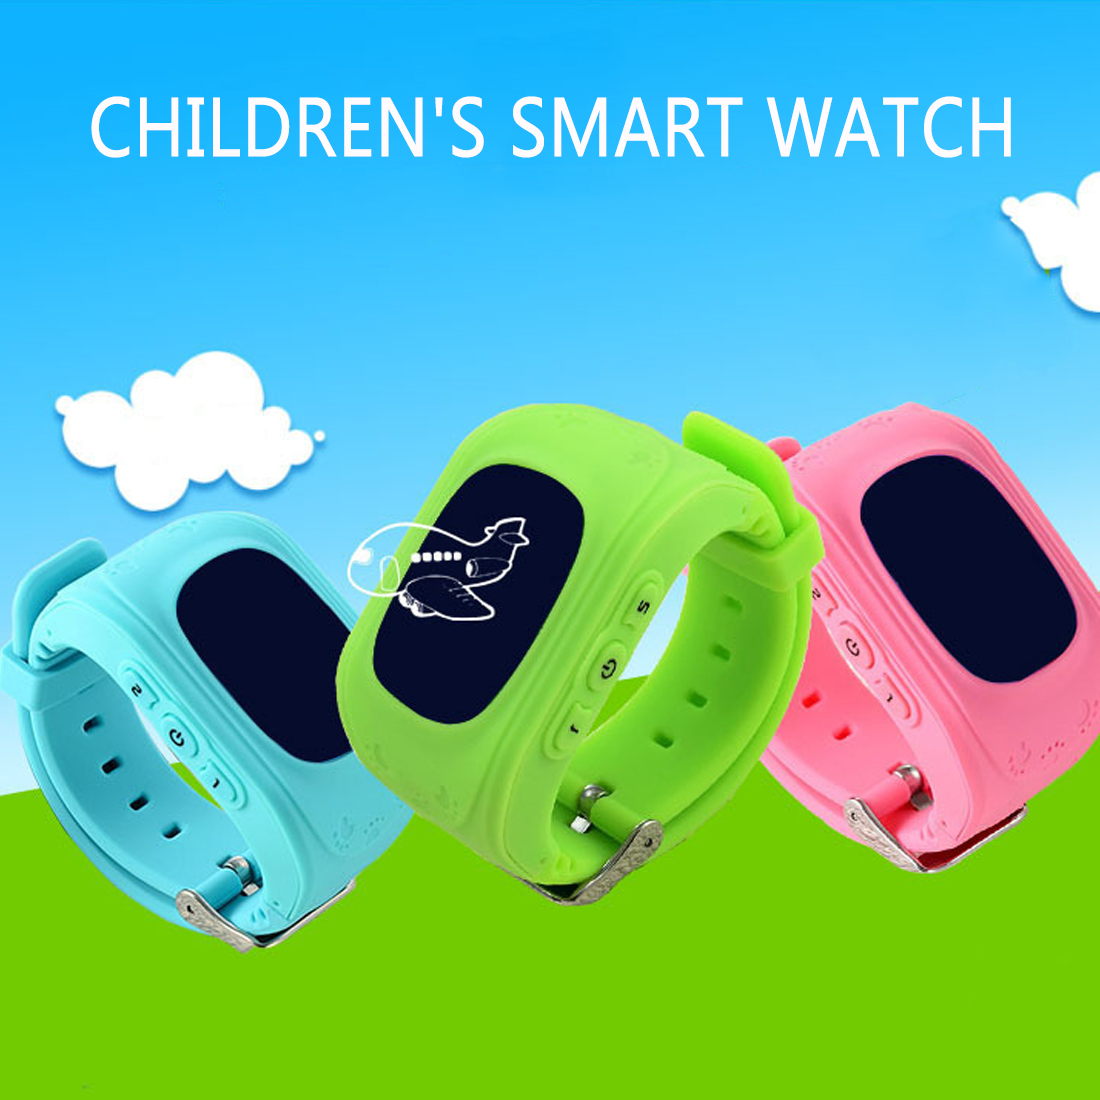 Heißer Anti Verloren Q50 OLED Kind SOS Smart Überwachung Gps-positionierung Telefon Baby Uhr Kompatibel IOS & Android